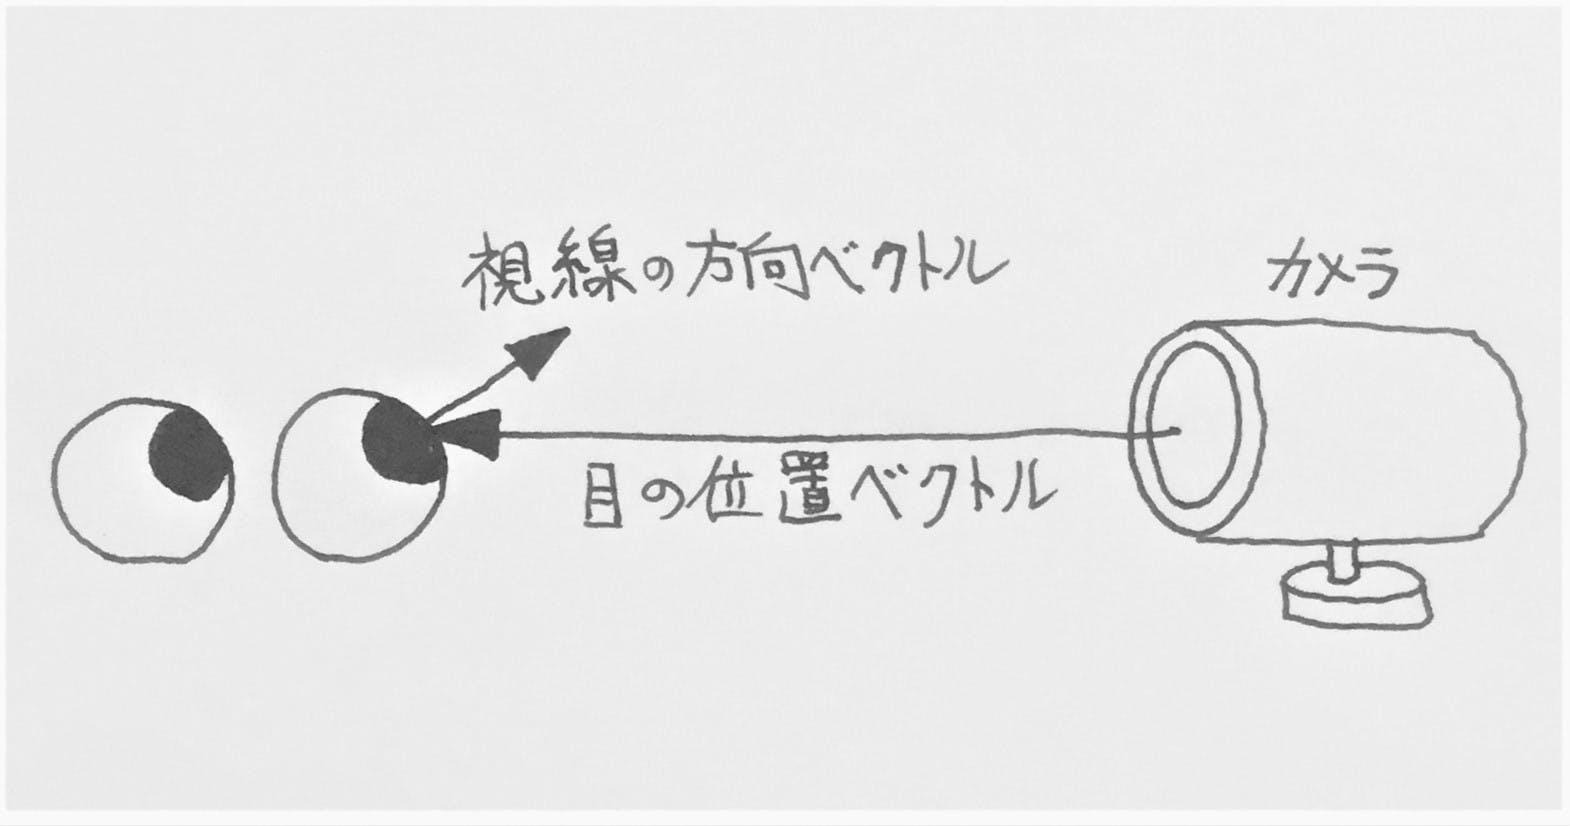 視線の方向と目の位置のベクトル